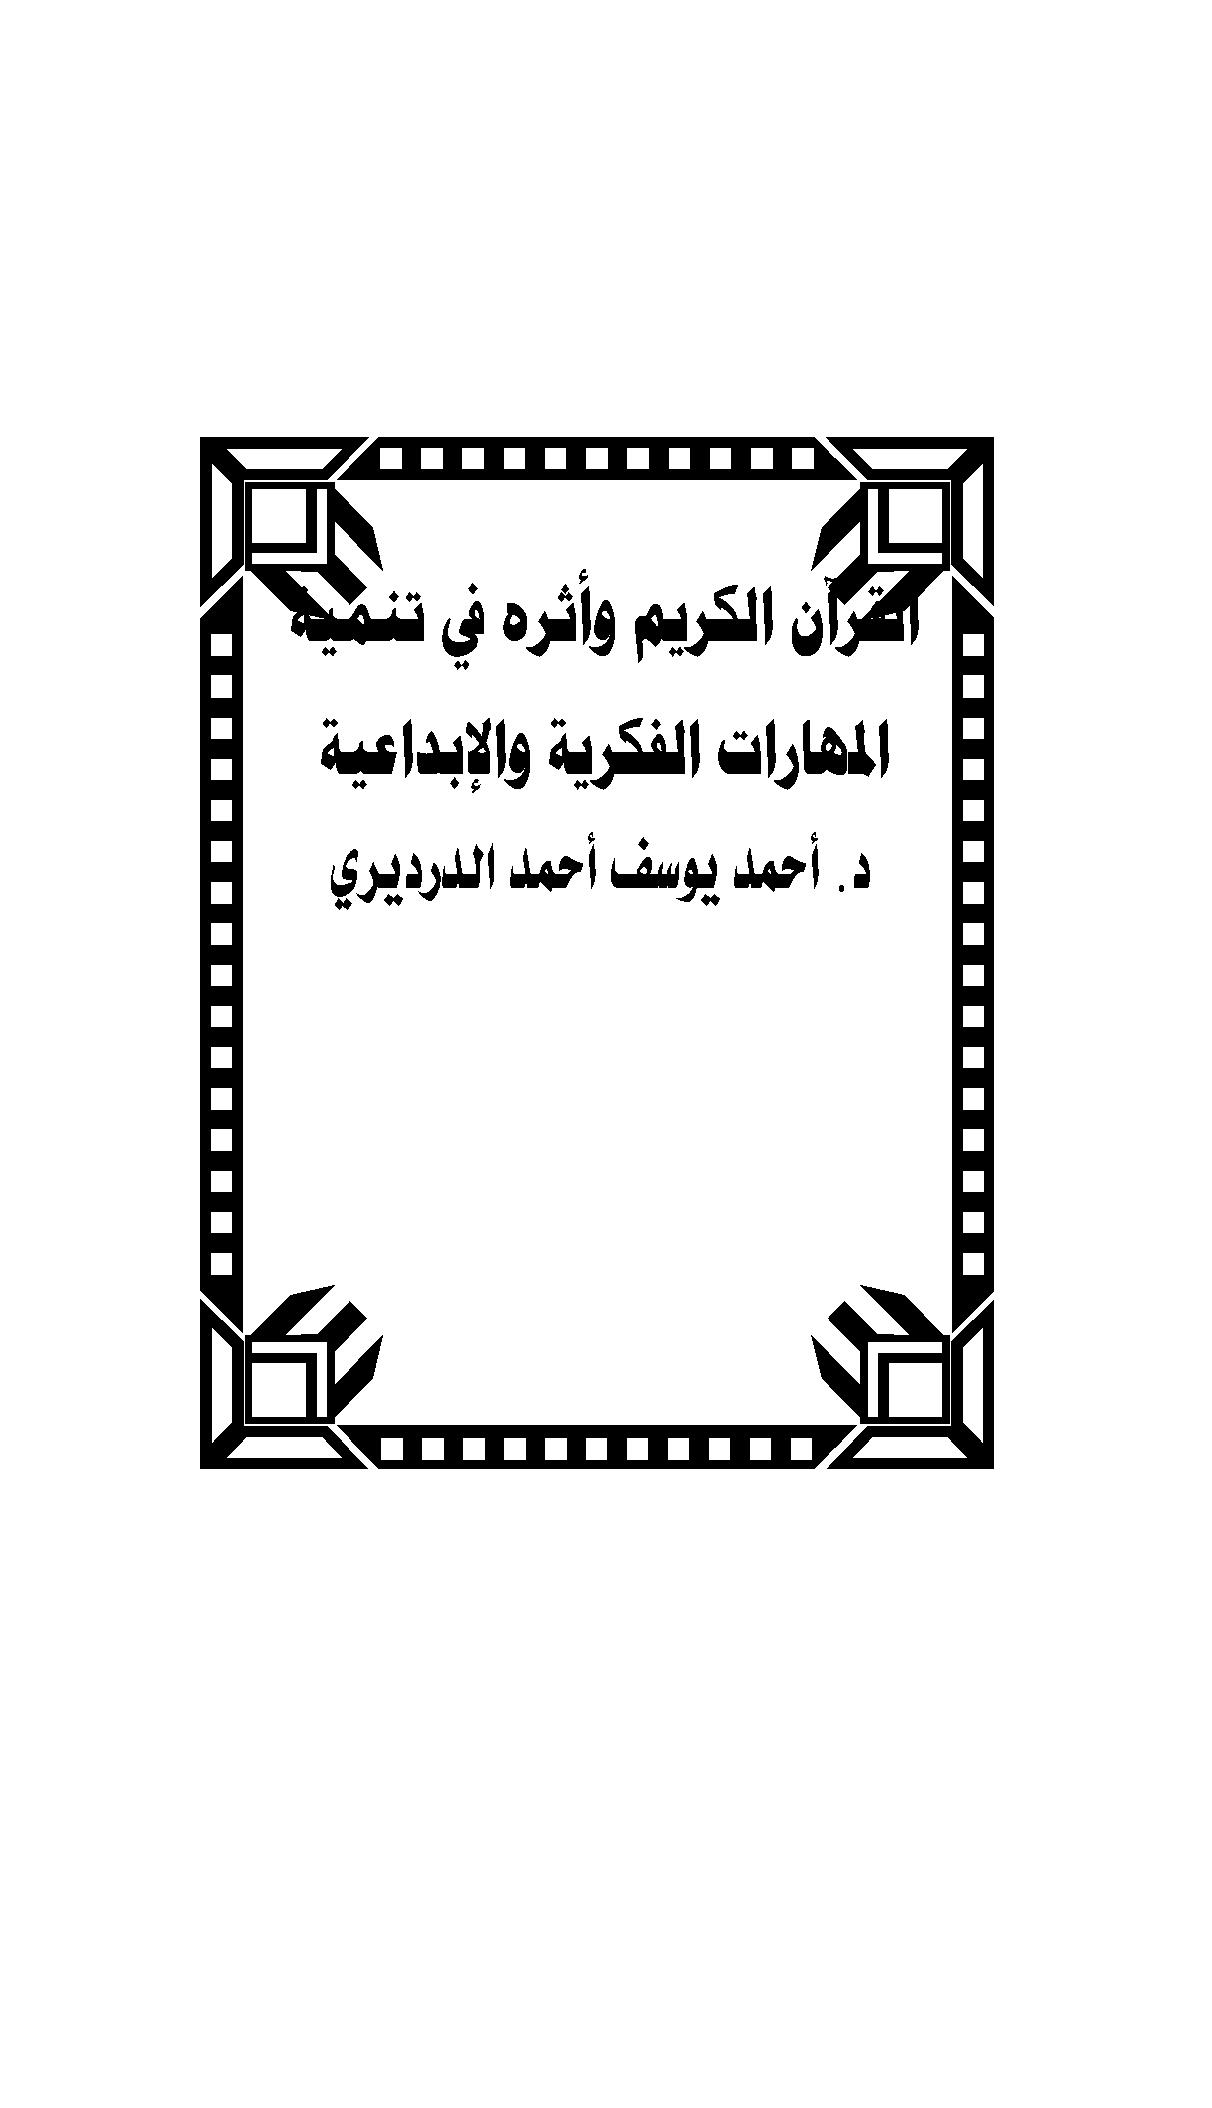 تحميل كتاب القرآن الكريم وأثره في تنمية المهارات الفكرية والإبداعية لـِ: الدكتور أحمد يوسف أحمد الدرديري